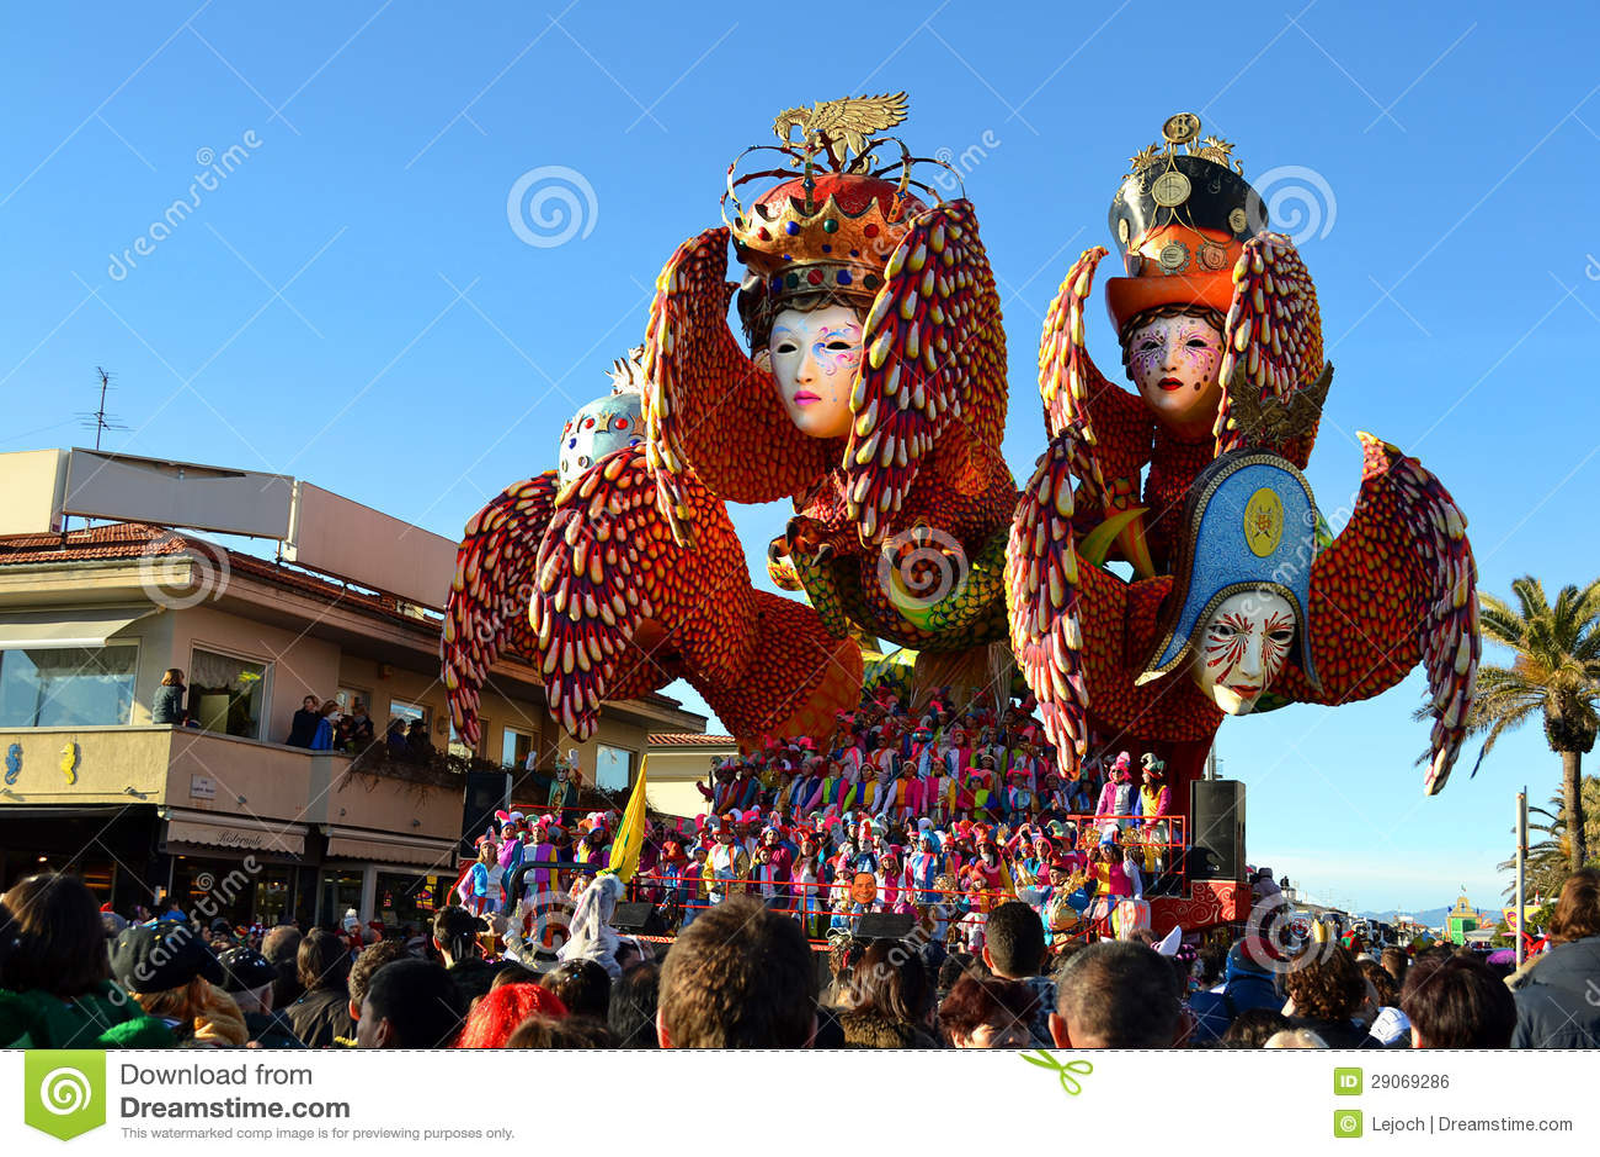 Carnival float, Viareggio